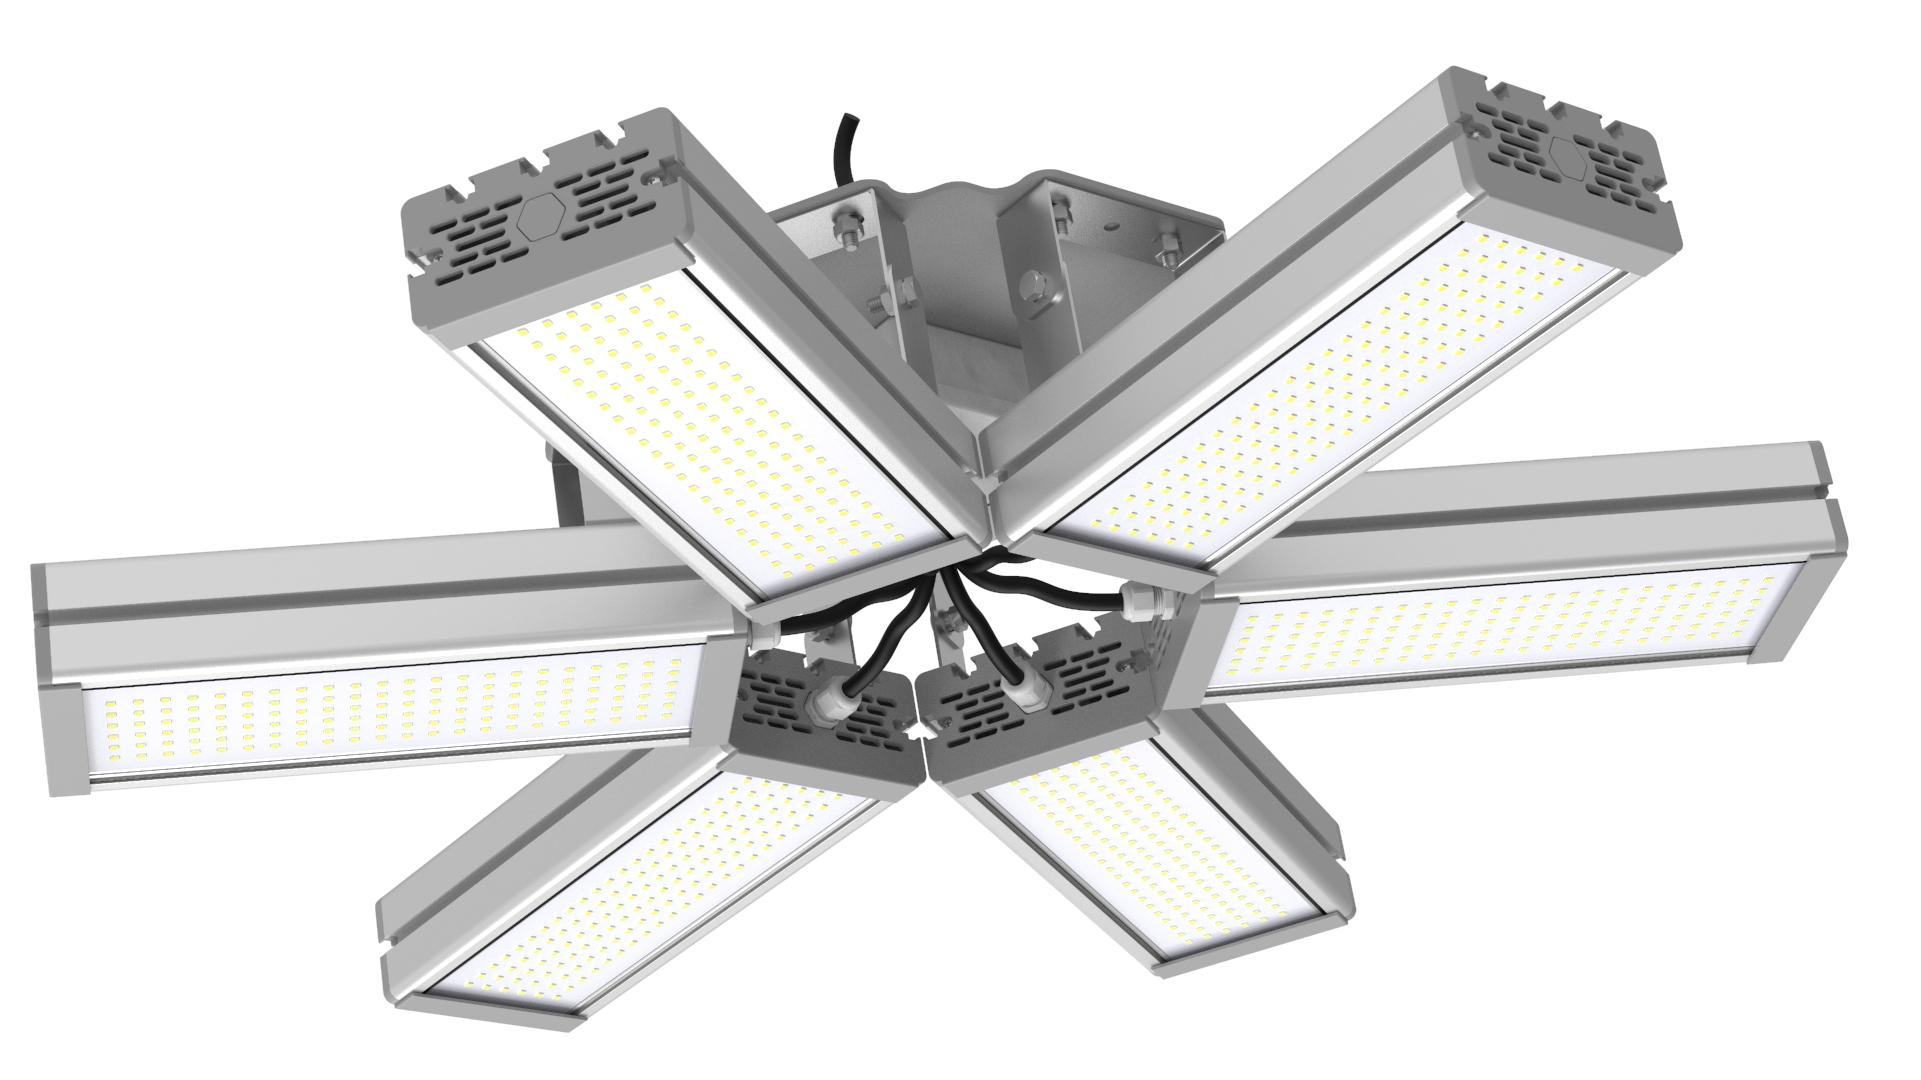 Светильник подвесной Ромашка High-Bay SVT-P-FLOWER-288Вт (с защитой от 380В, трос)